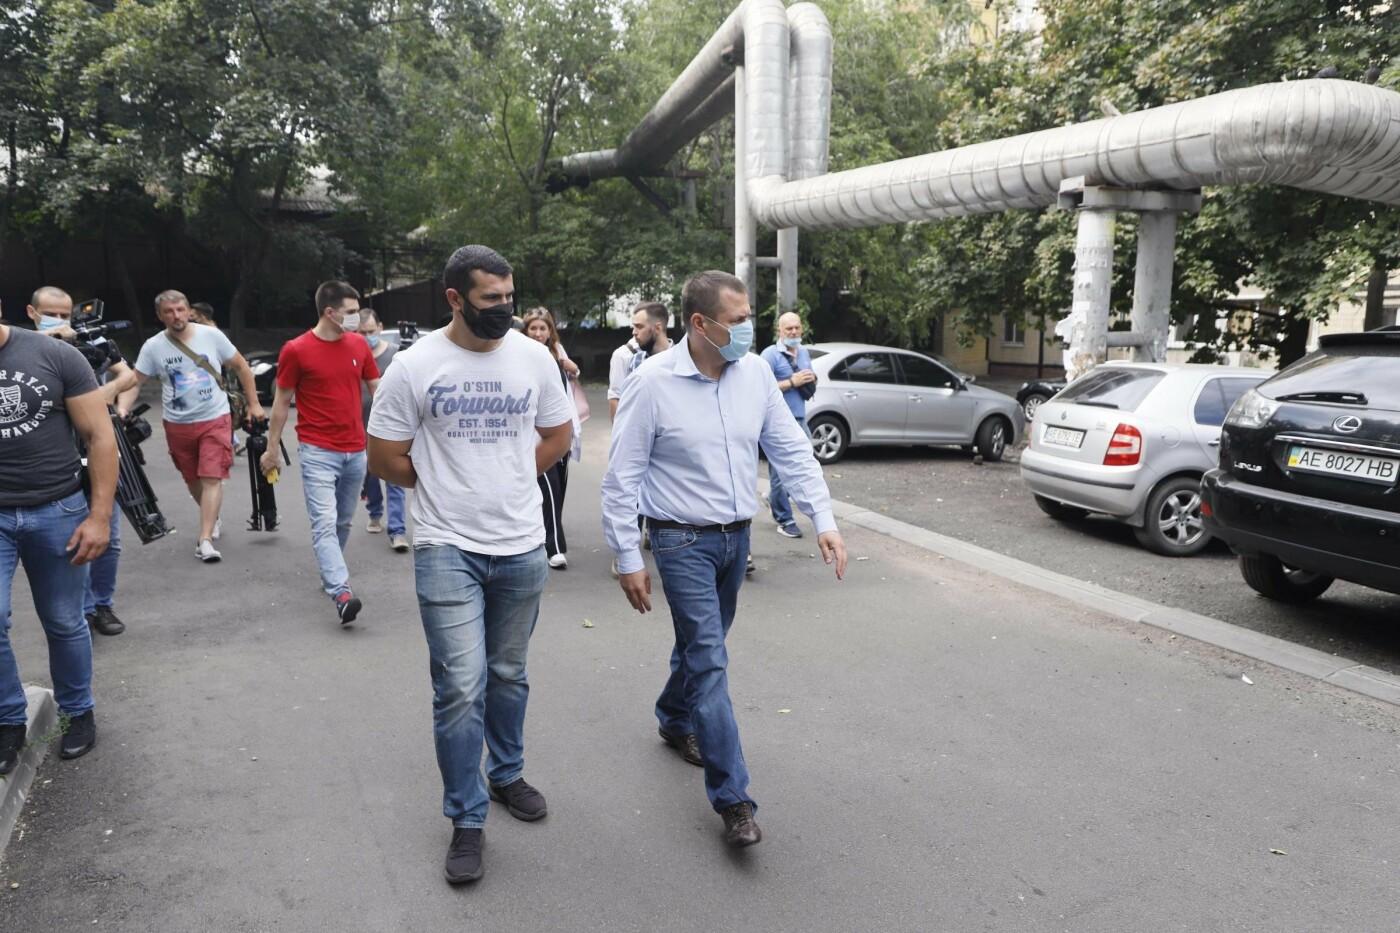 Борис Филатов: Контакт-центры Днепра являются передовой борьбой с коммунальными проблемами, фото-10